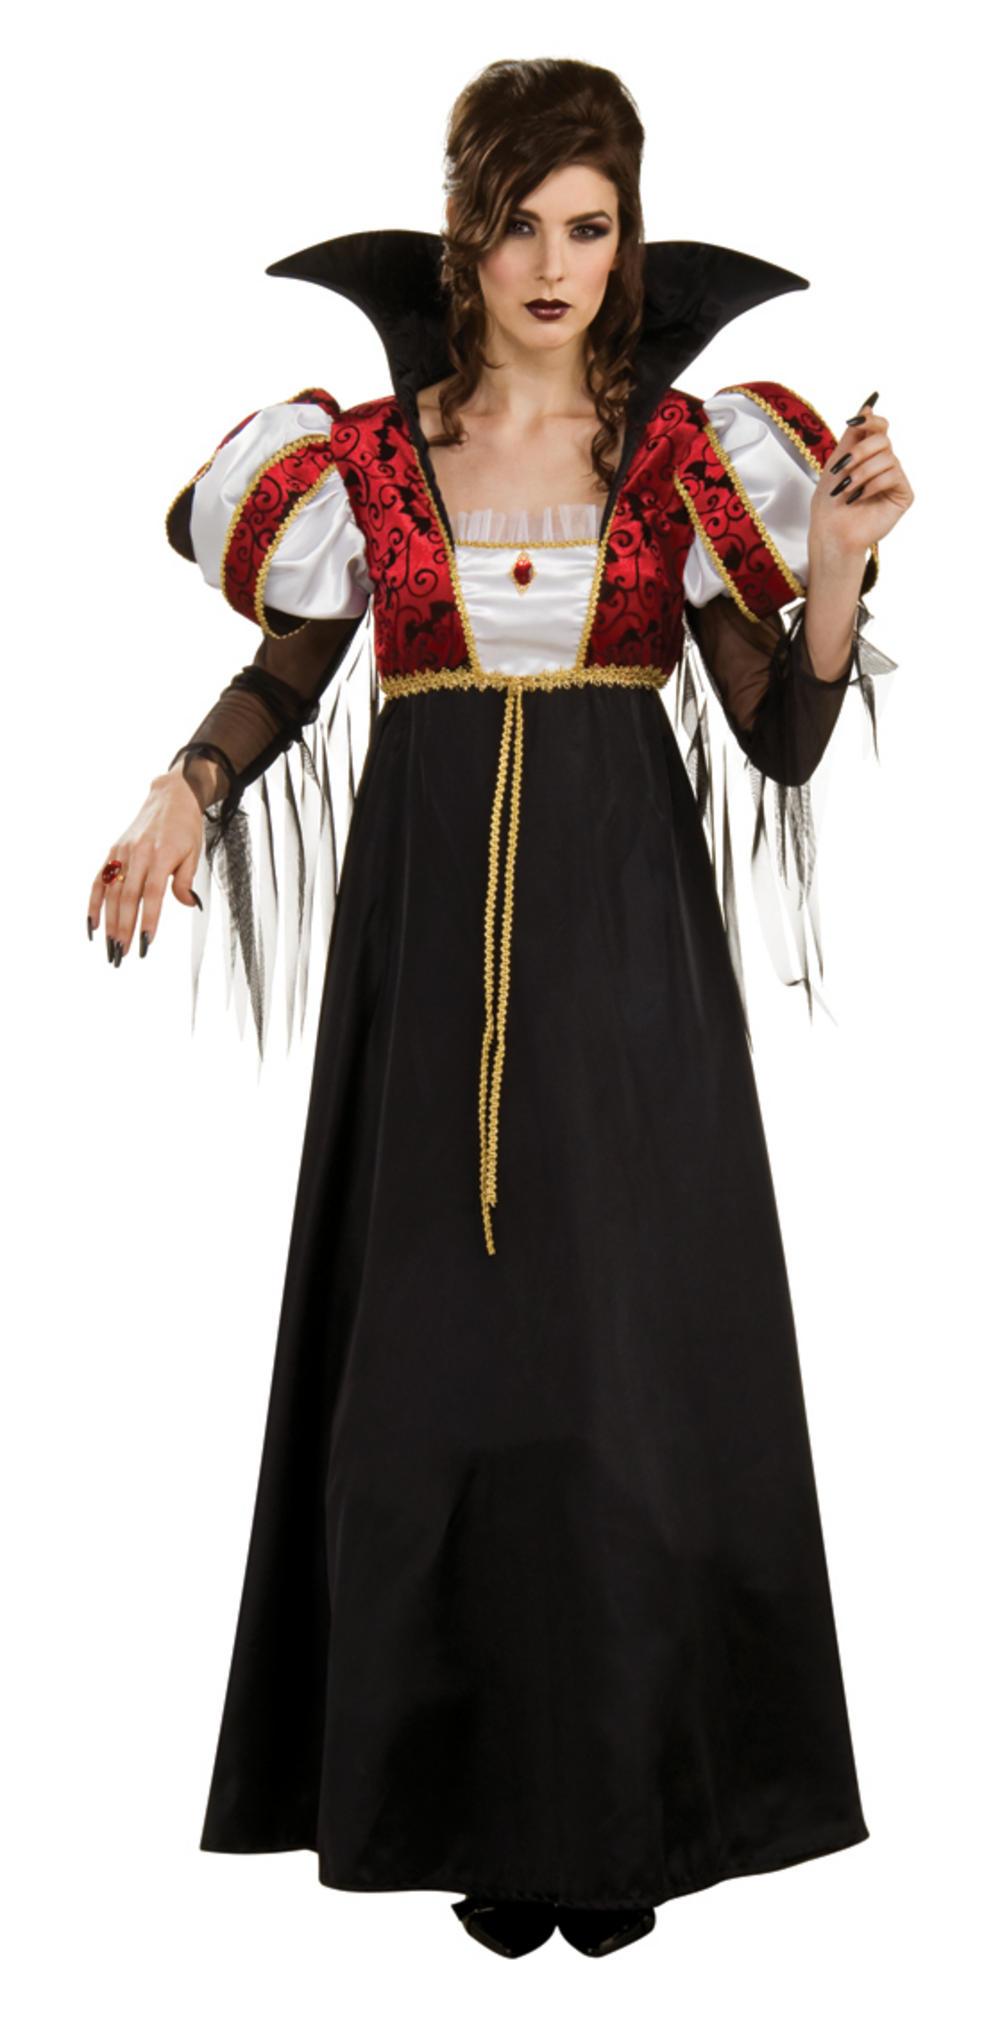 Royal Vampira Costume